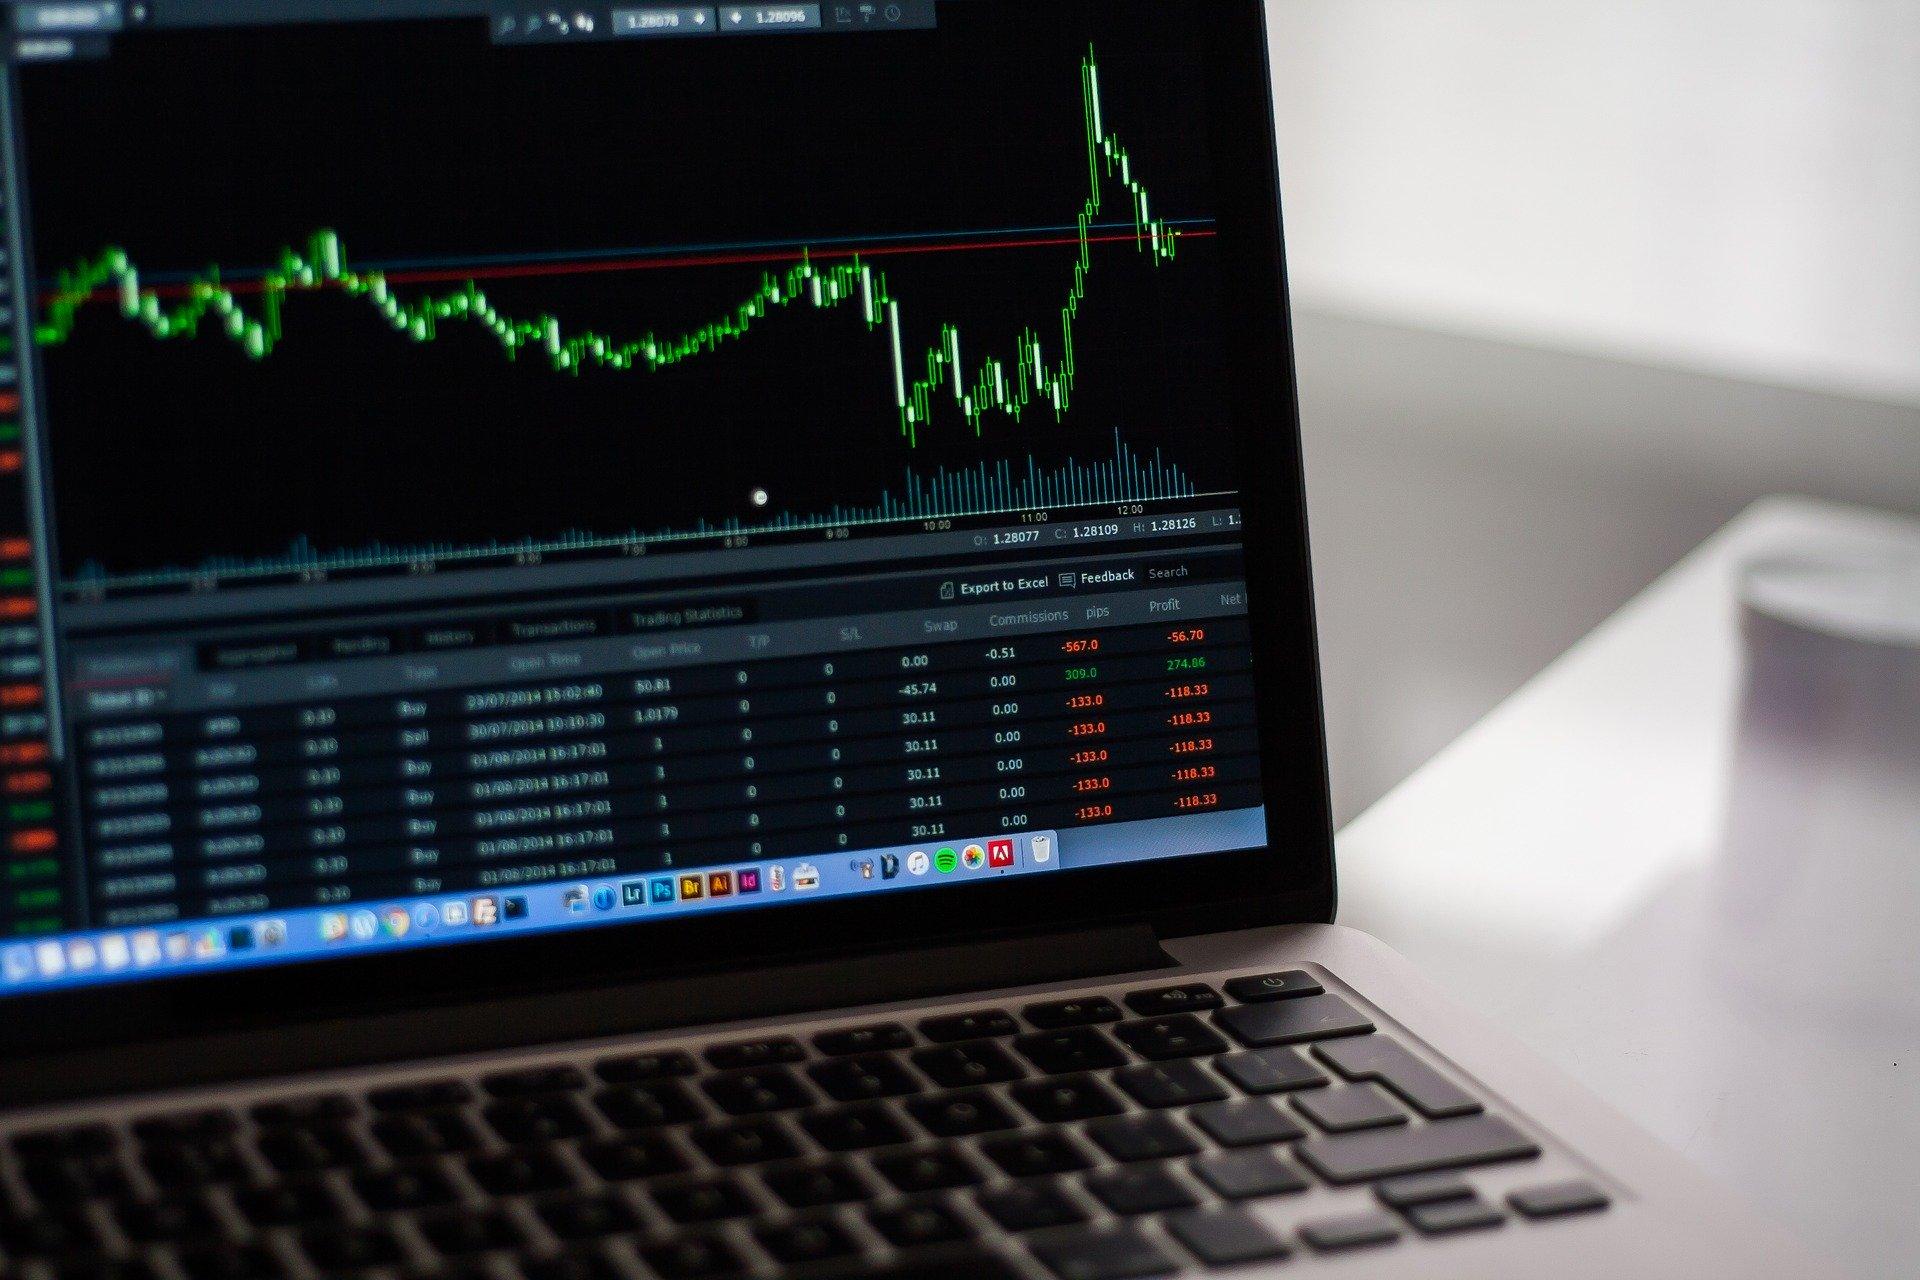 Marktkapitalisierung: Definition, Berechnung & Beispiele